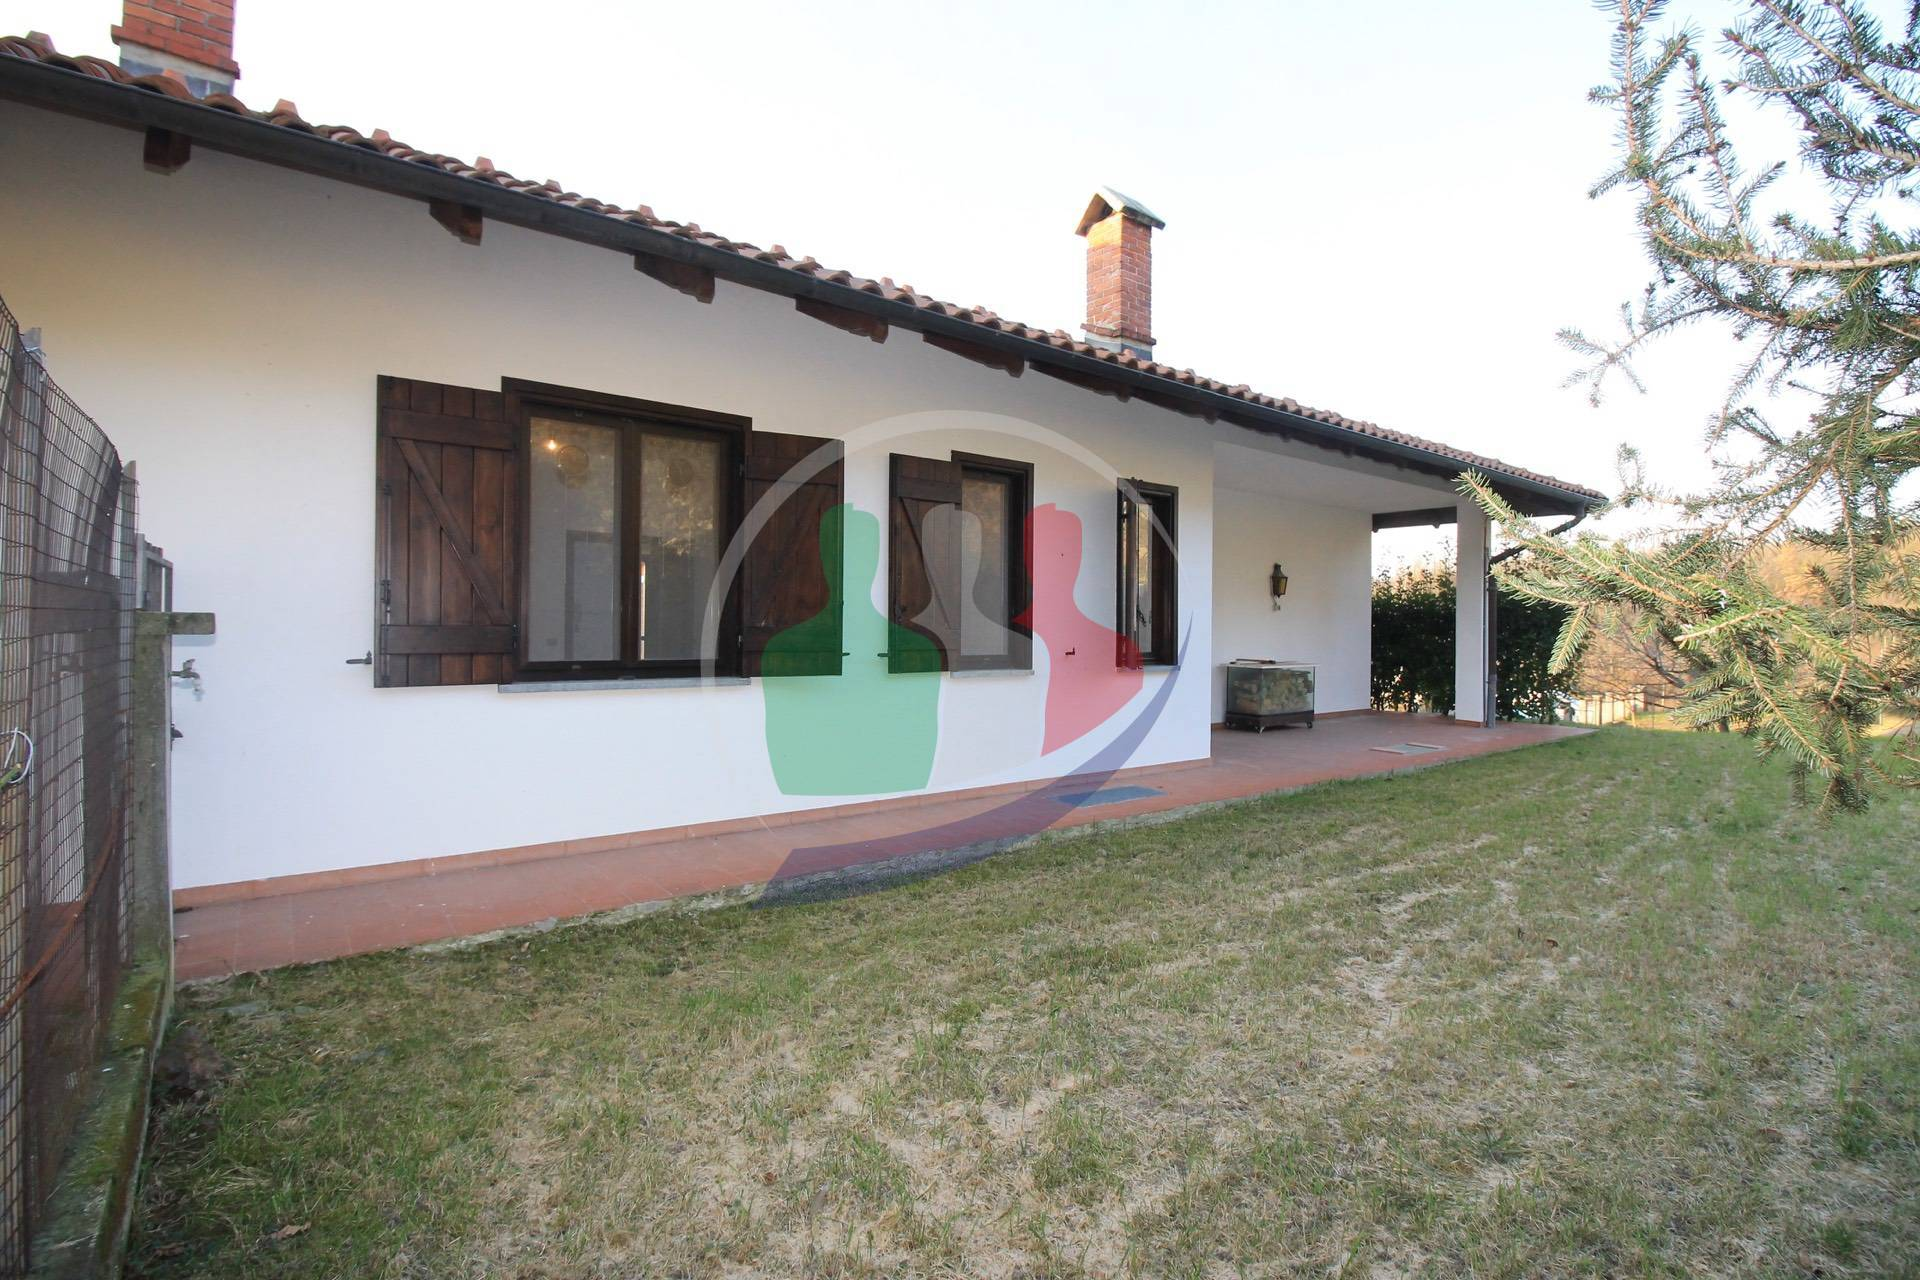 Villa Bifamiliare in vendita a Baldissero Torinese, 16 locali, prezzo € 600.000   PortaleAgenzieImmobiliari.it